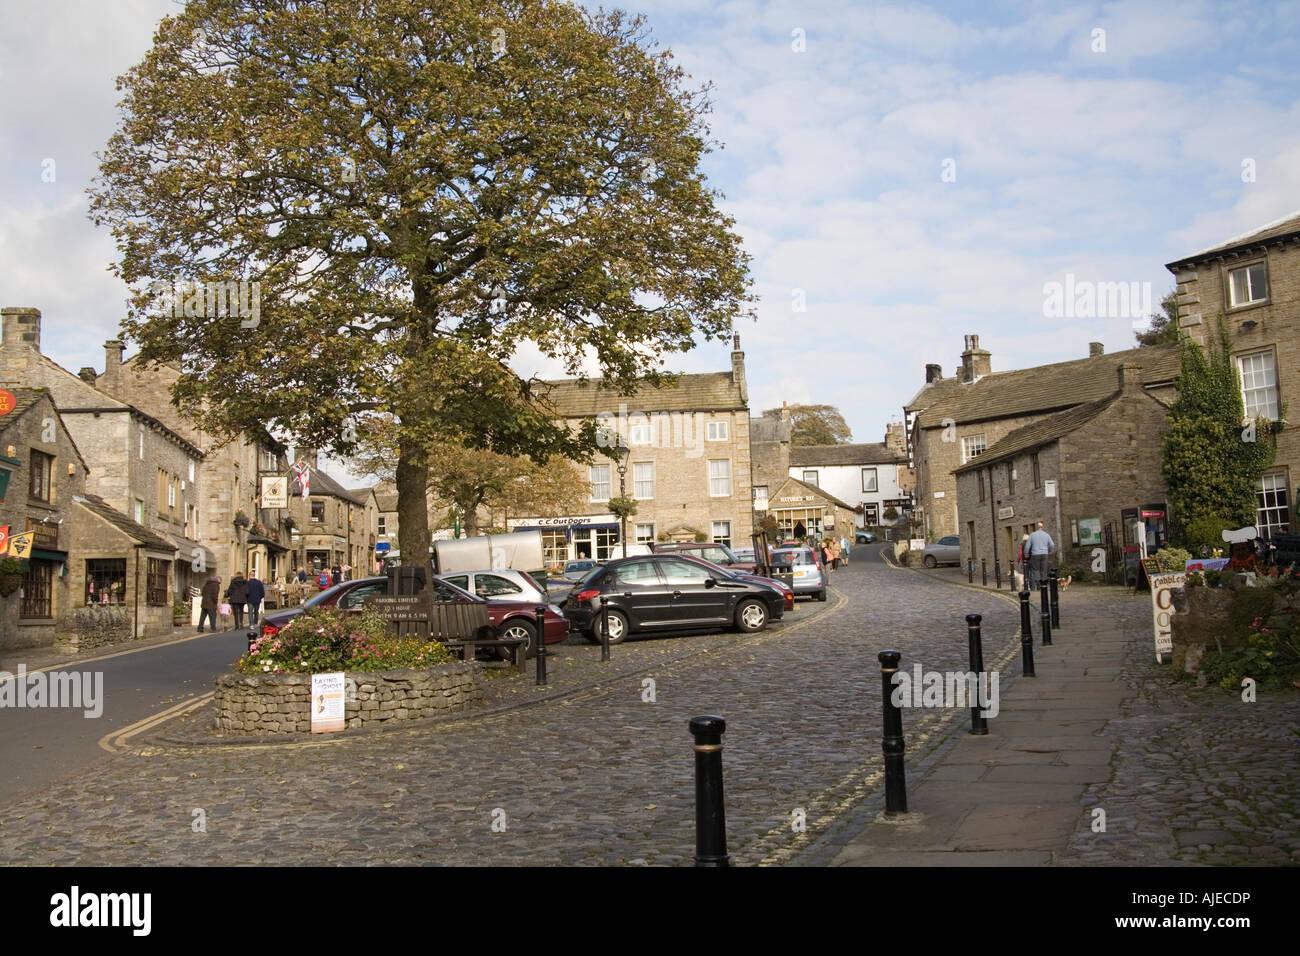 GRASSINGTON NORTH YORKSHIRE UK Upper Wharfedale Prinzip Dorf hat seinen Charme mit den kleinen gepflasterten Marktplatz bewahrt. Stockfoto